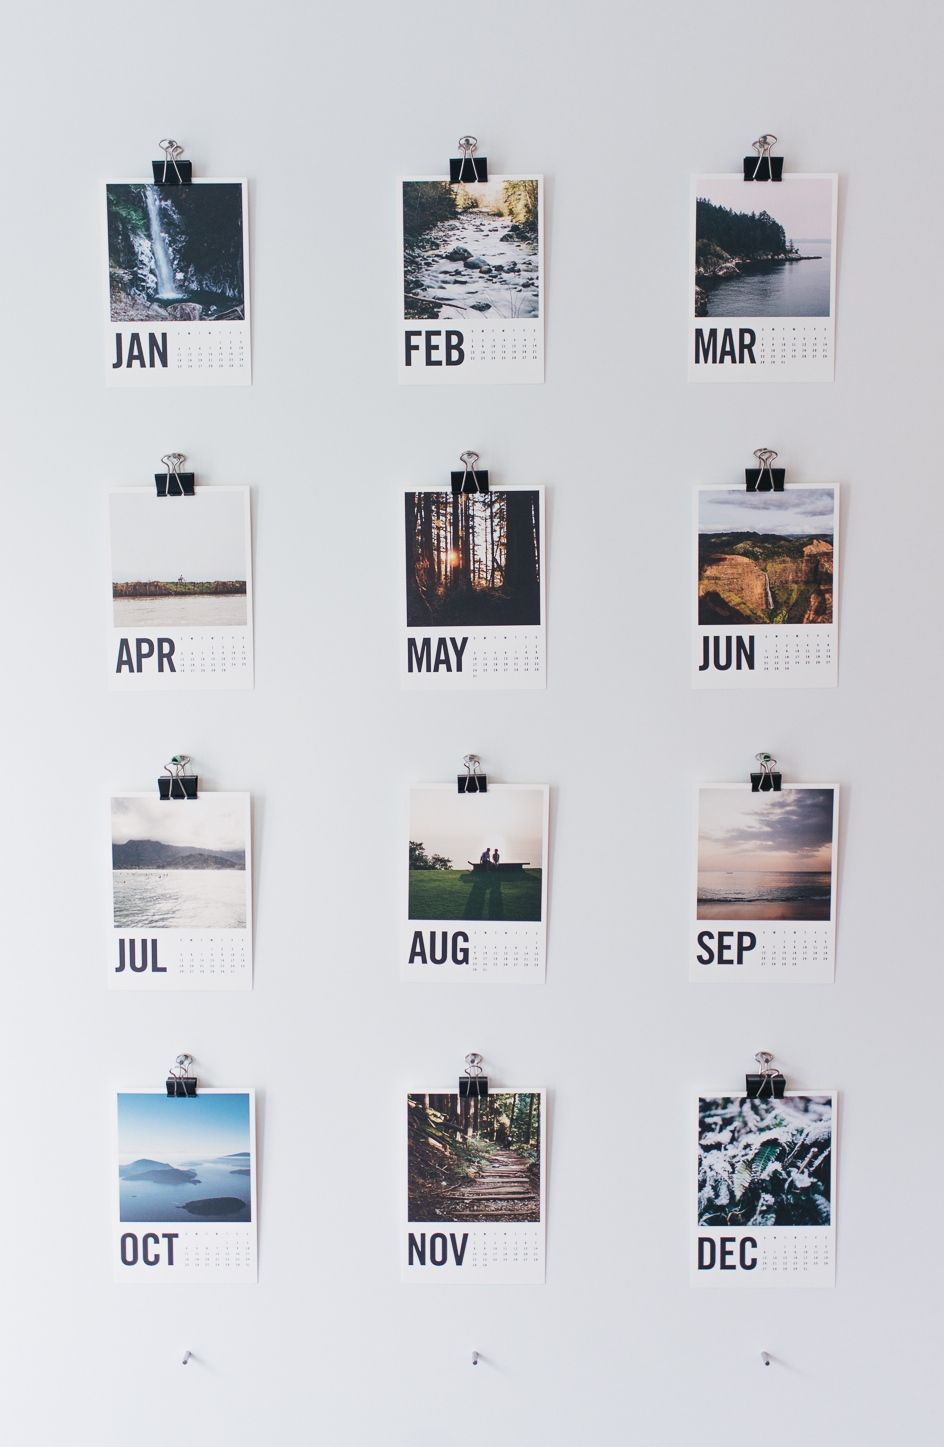 Wood calendar months